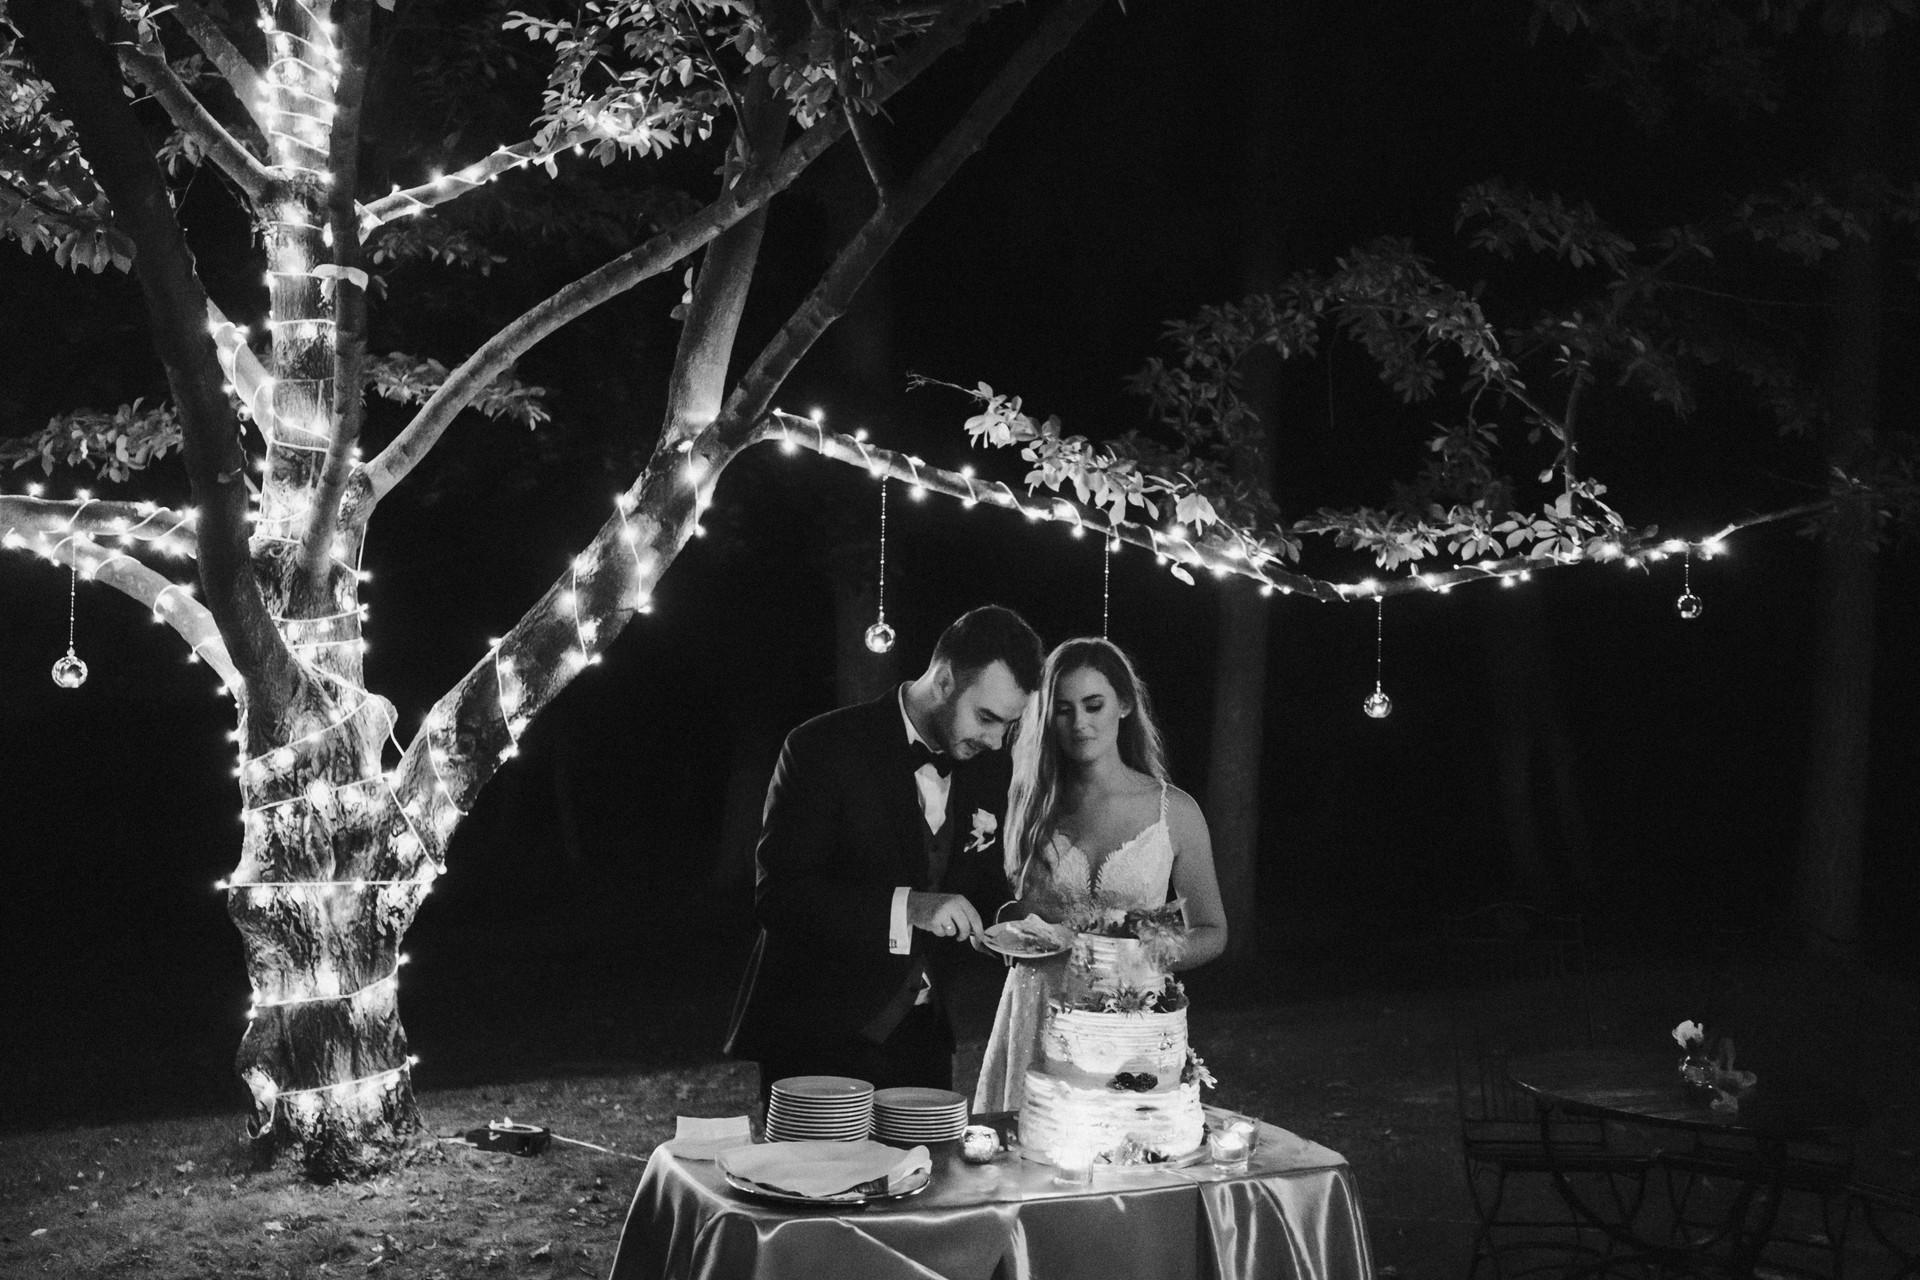 dekoracje świetlne na wesele